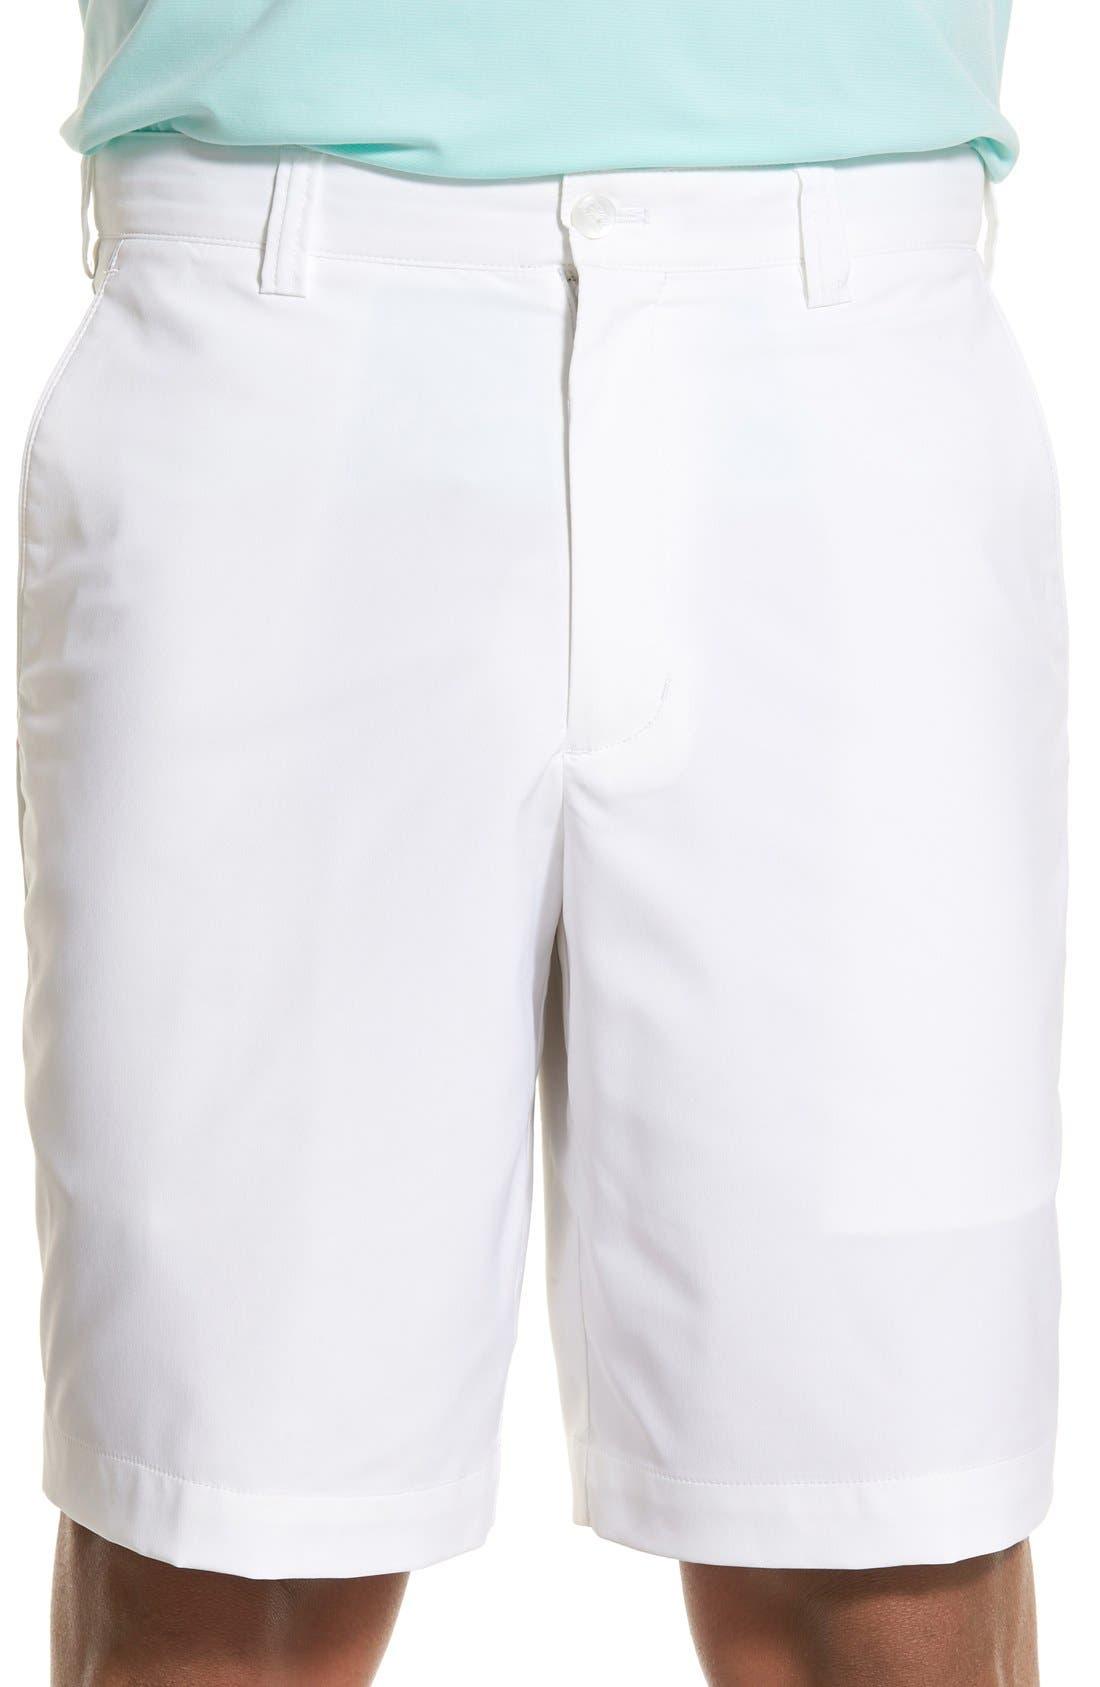 CUTTER & BUCK 'Bainbridge' DryTec Flat Front Shorts